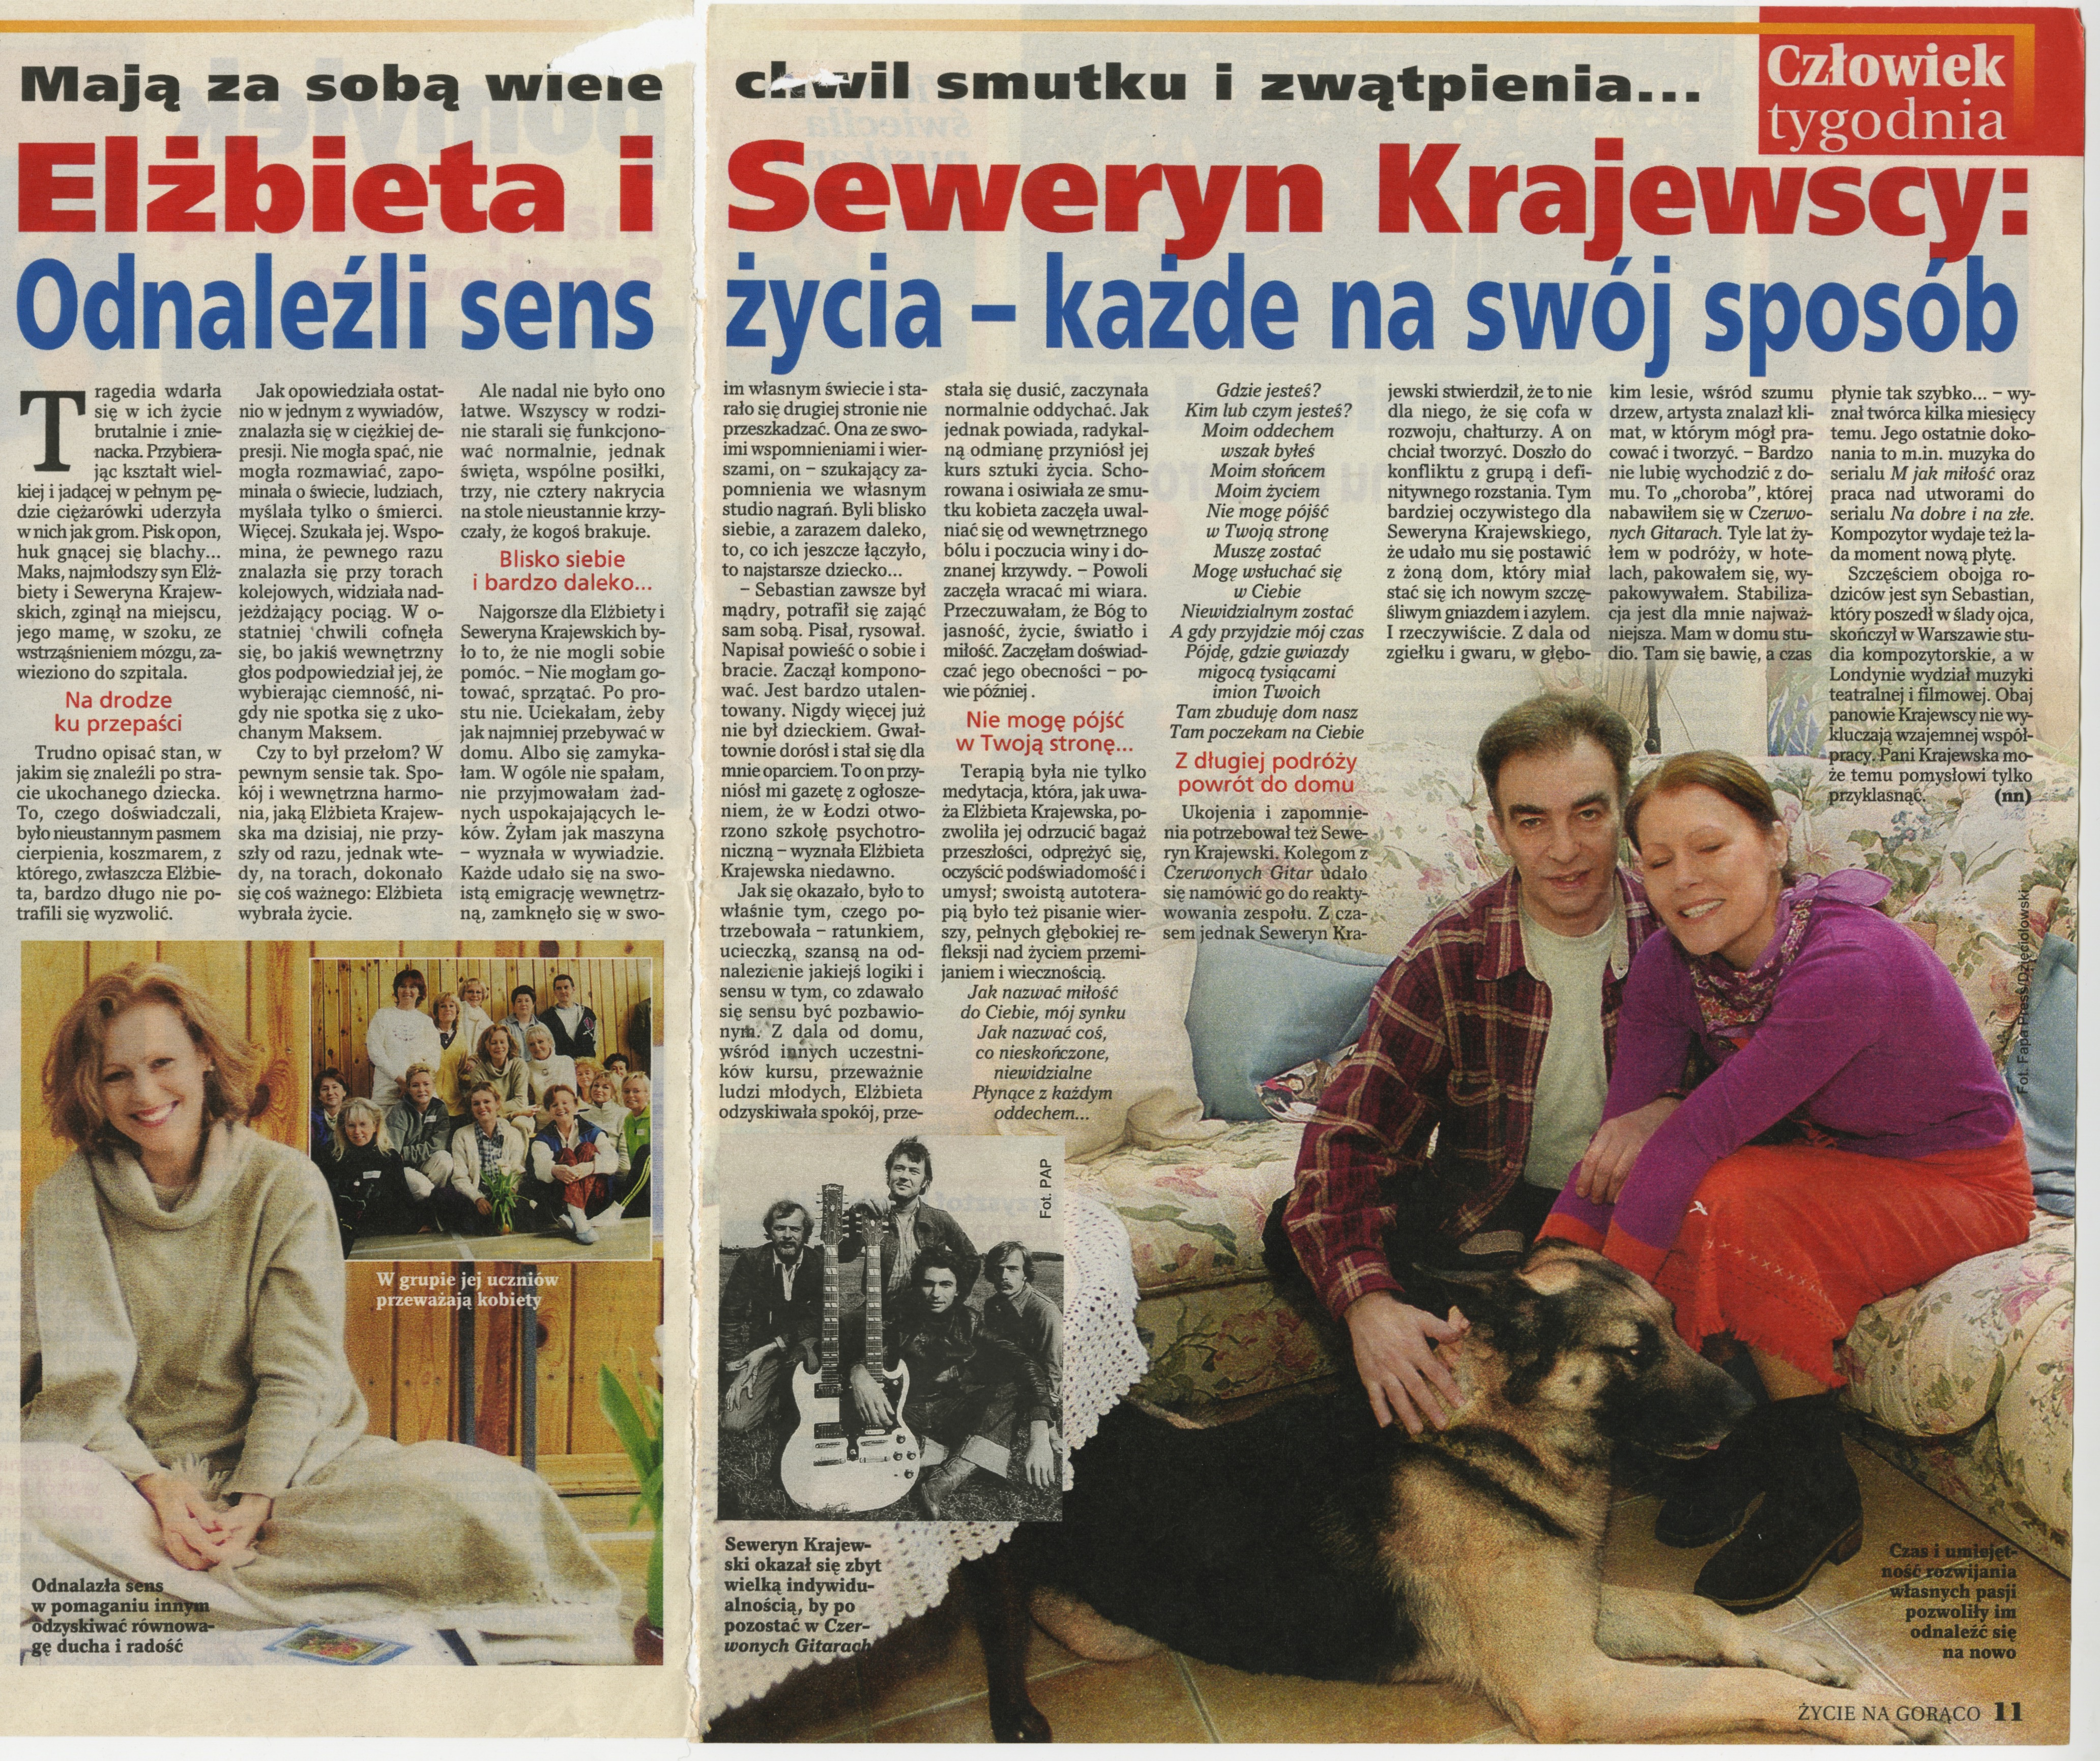 2004-2012-Zycie_na_goraco_EK_i_SK_Odnalezli_sens_zycia_02